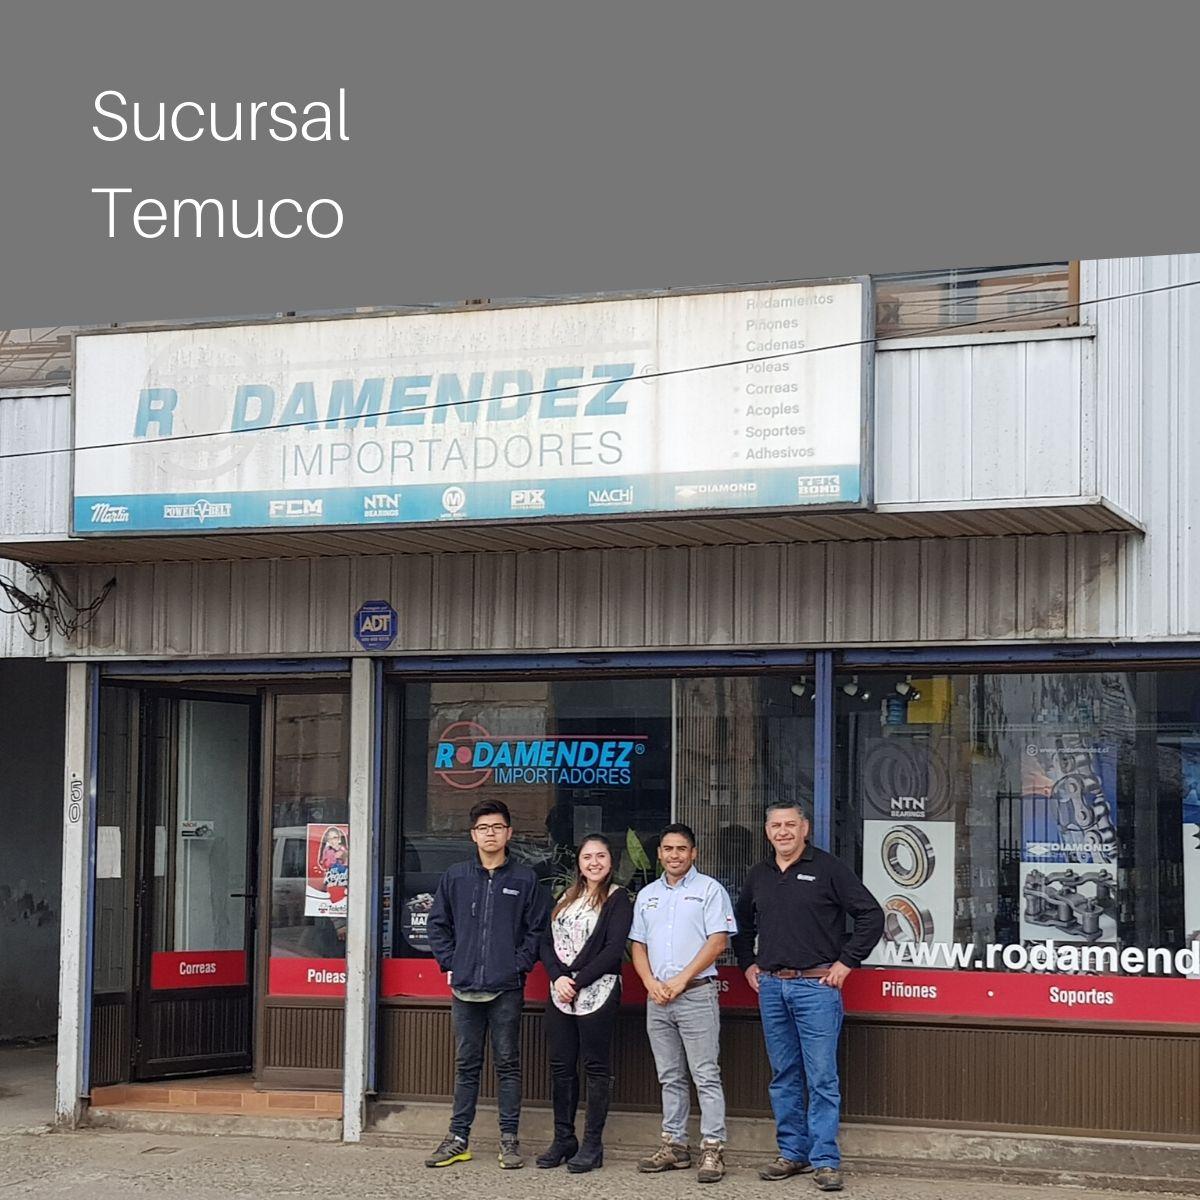 Rodamientos Temuco